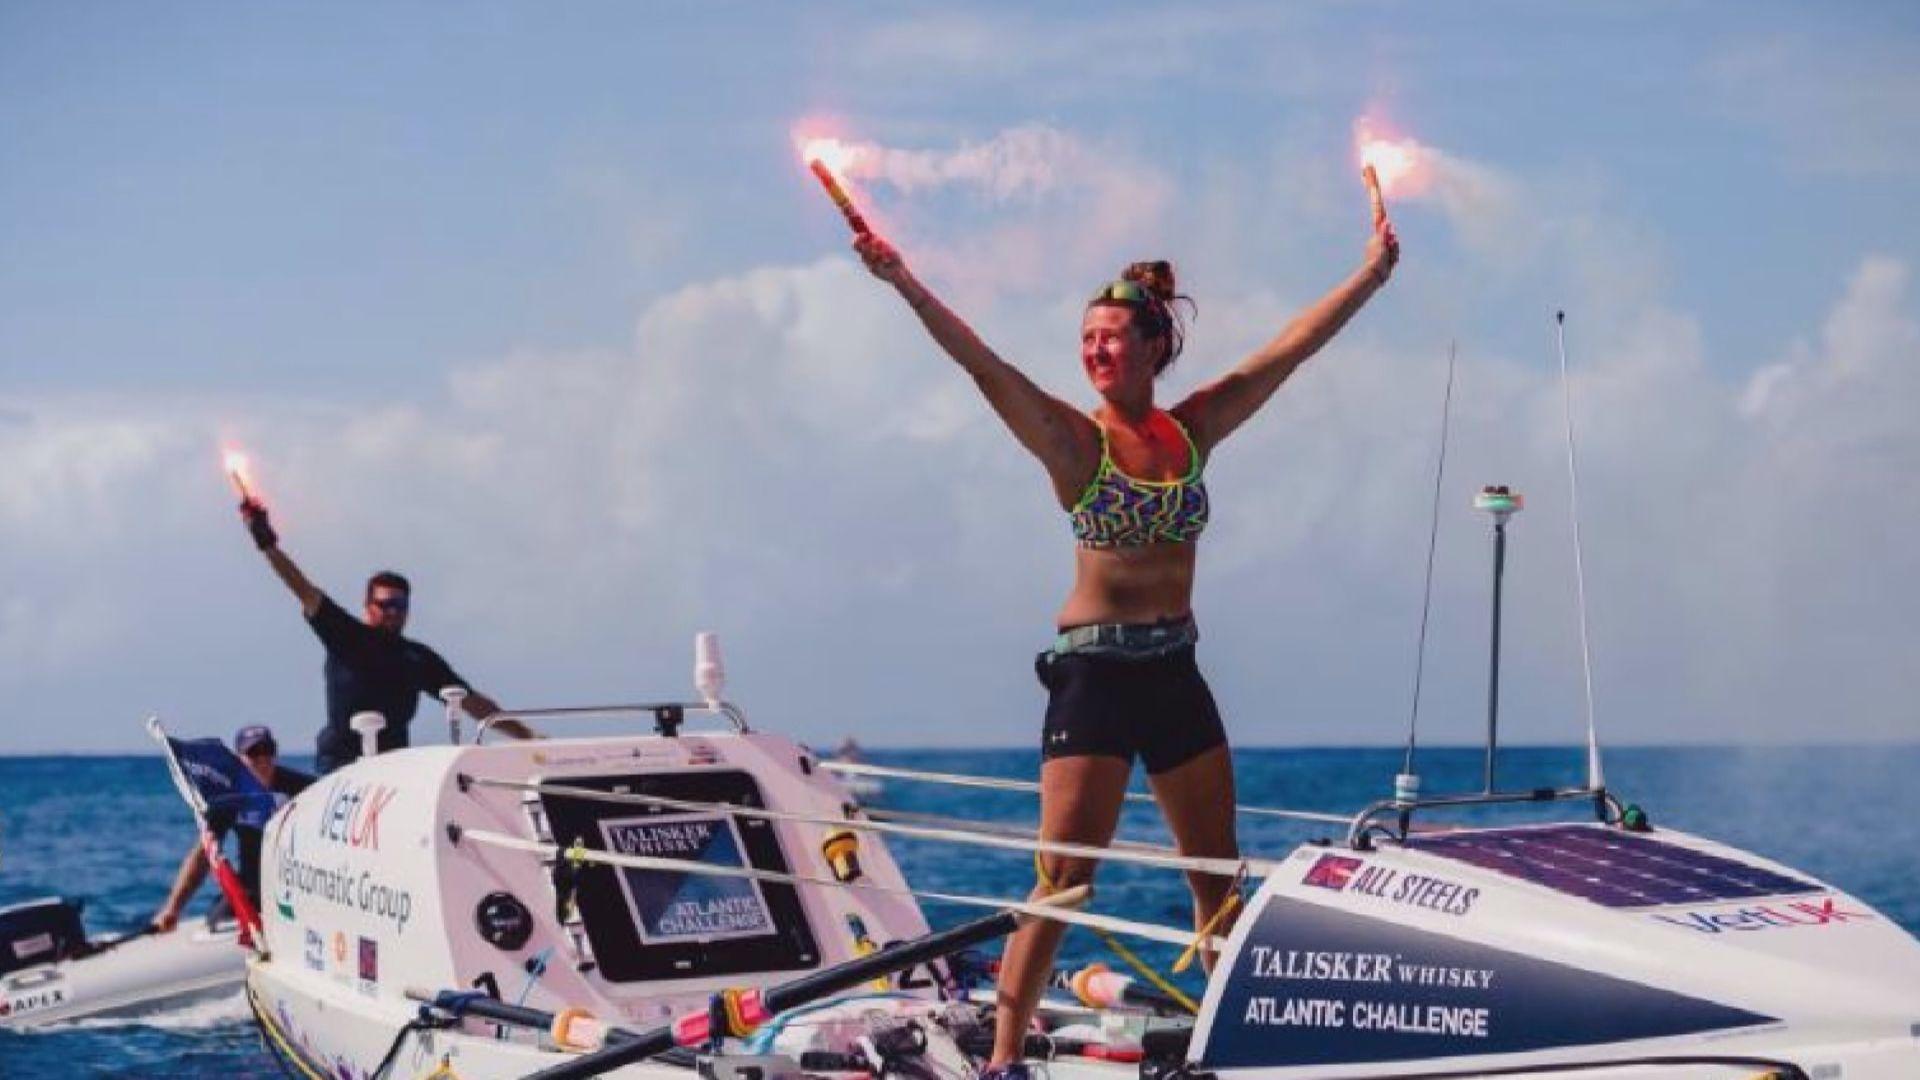 【環球薈報】英國21歲女子破划船橫渡大西洋最年輕女性紀錄